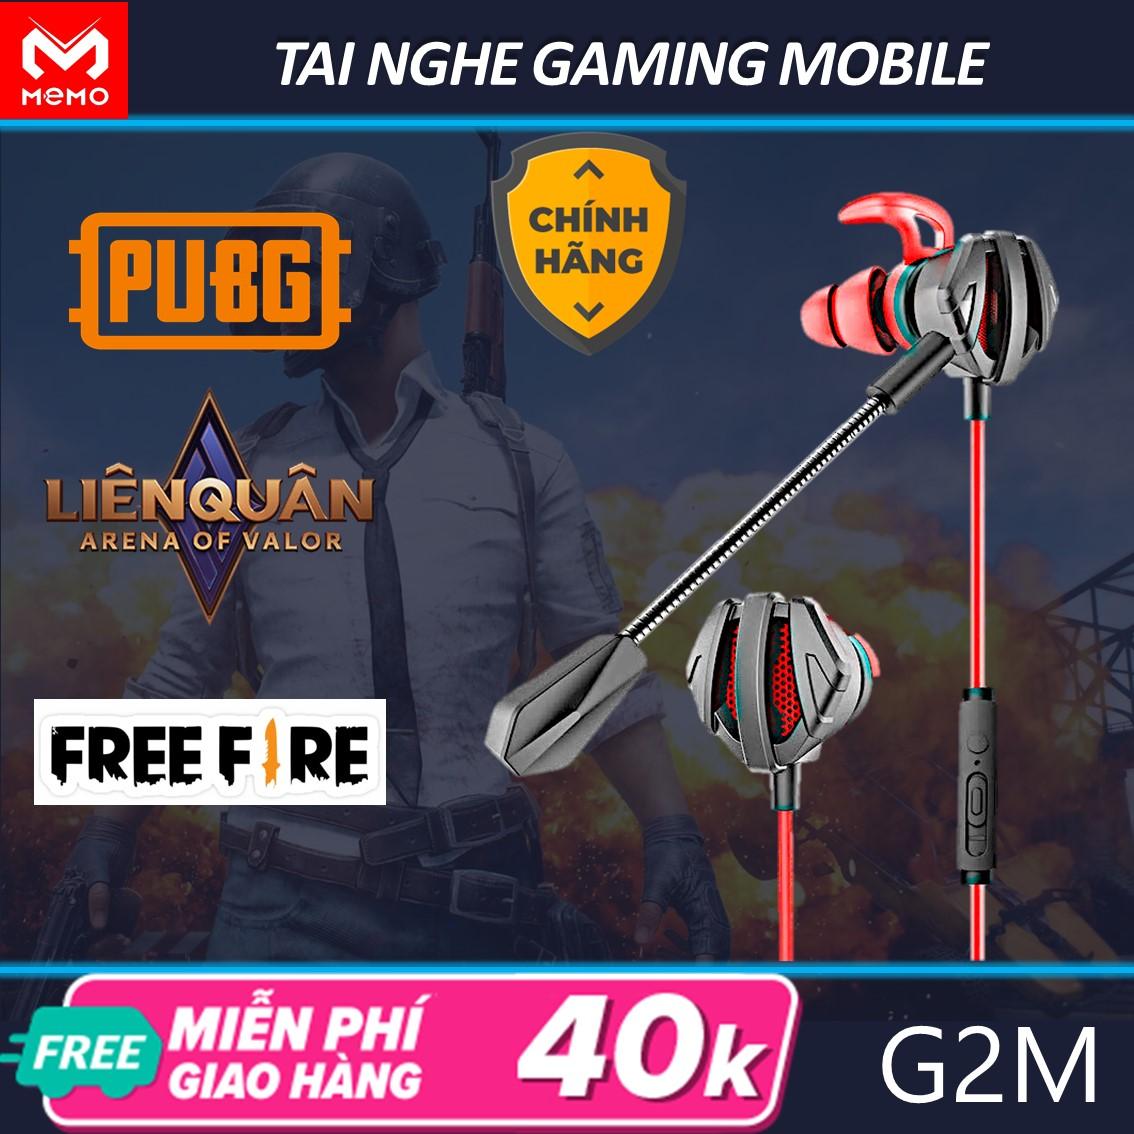 Tai nghe gaming cho điện thoại pc Memo G2M có mic nhét tai chơi tốt cho game pubg liên quân mobile liên minh huyền thoại csgo cho kết nối ổn định hon dòng tai nghe gaming bluetooth và tai nghe chụp tai đàm thoại rõ nét ổn định cao